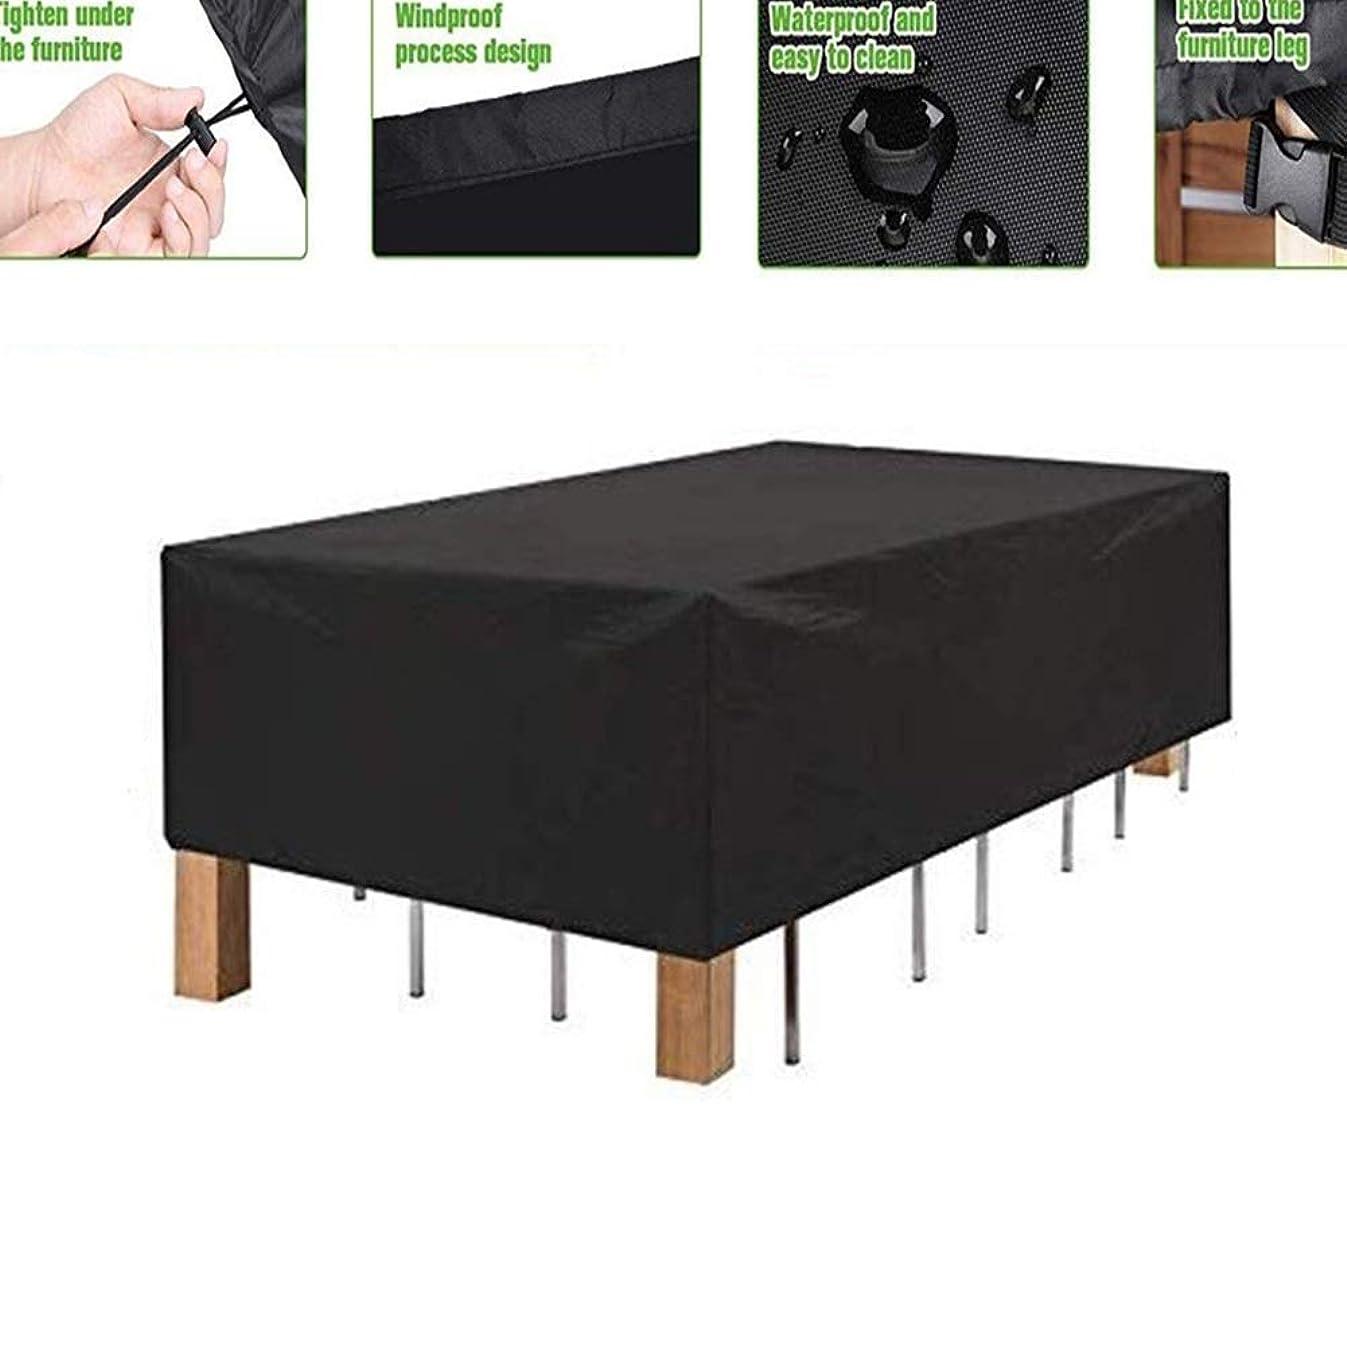 生じる直立アピールGGYMEI ガーデン屋外カバーテーブルガーデンパティオ家具ダストカバーオックスフォード布素材防風UV保護、25サイズ (Color : Black, Size : 200x200x100cm)